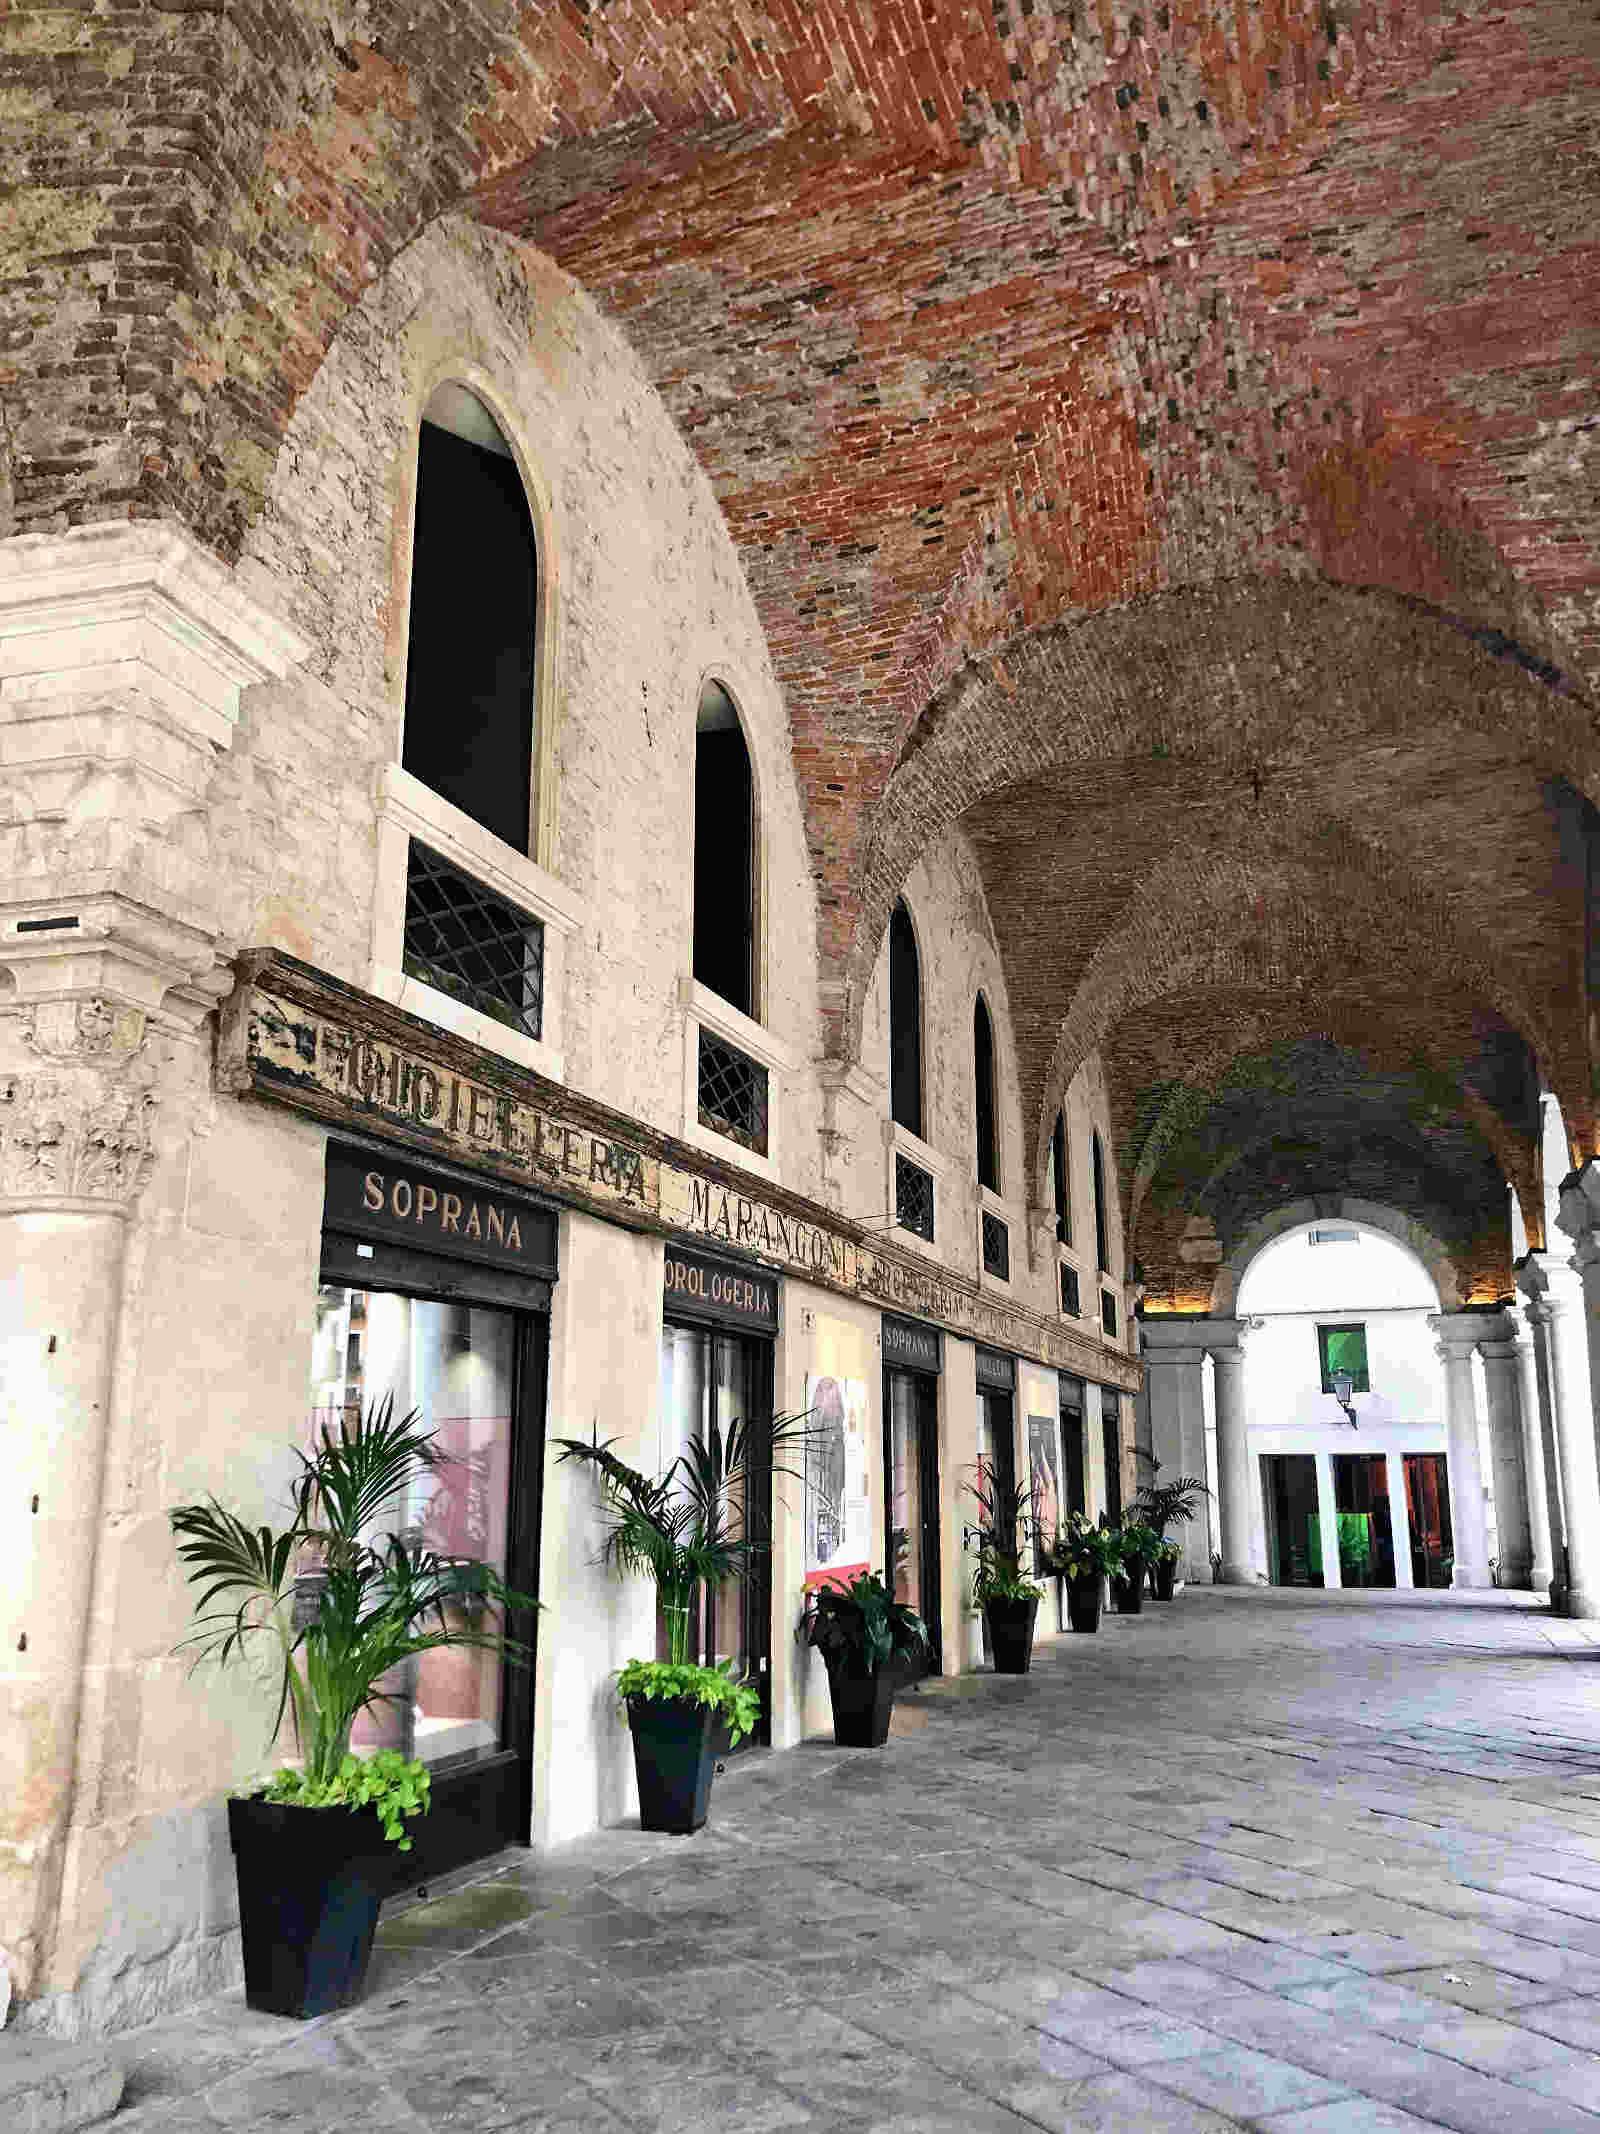 portici nel centro storico di Vicenza veneto italia sito UNESCO italiano